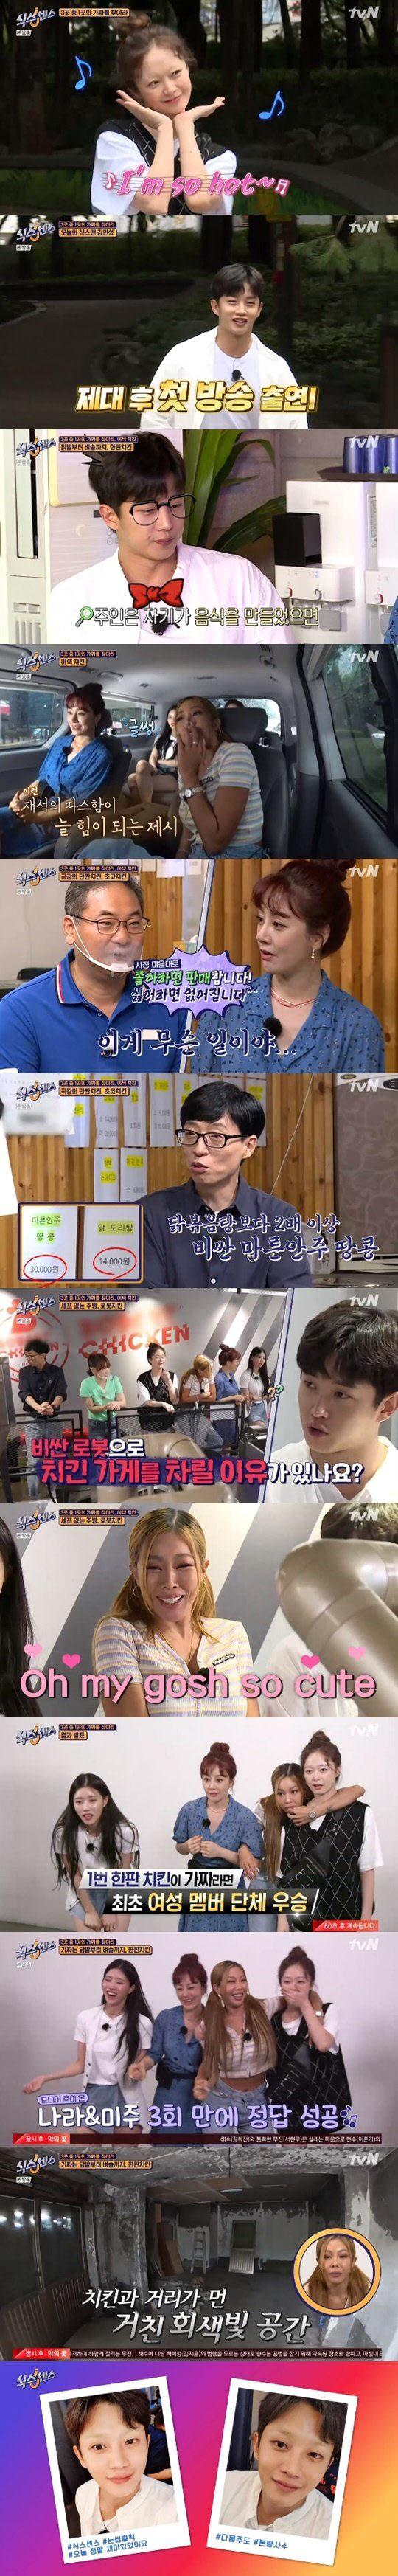 '식스센스' 김민석 가짜 치킨집 찾기 실패…눈썹 벌칙에 폭소[종합]